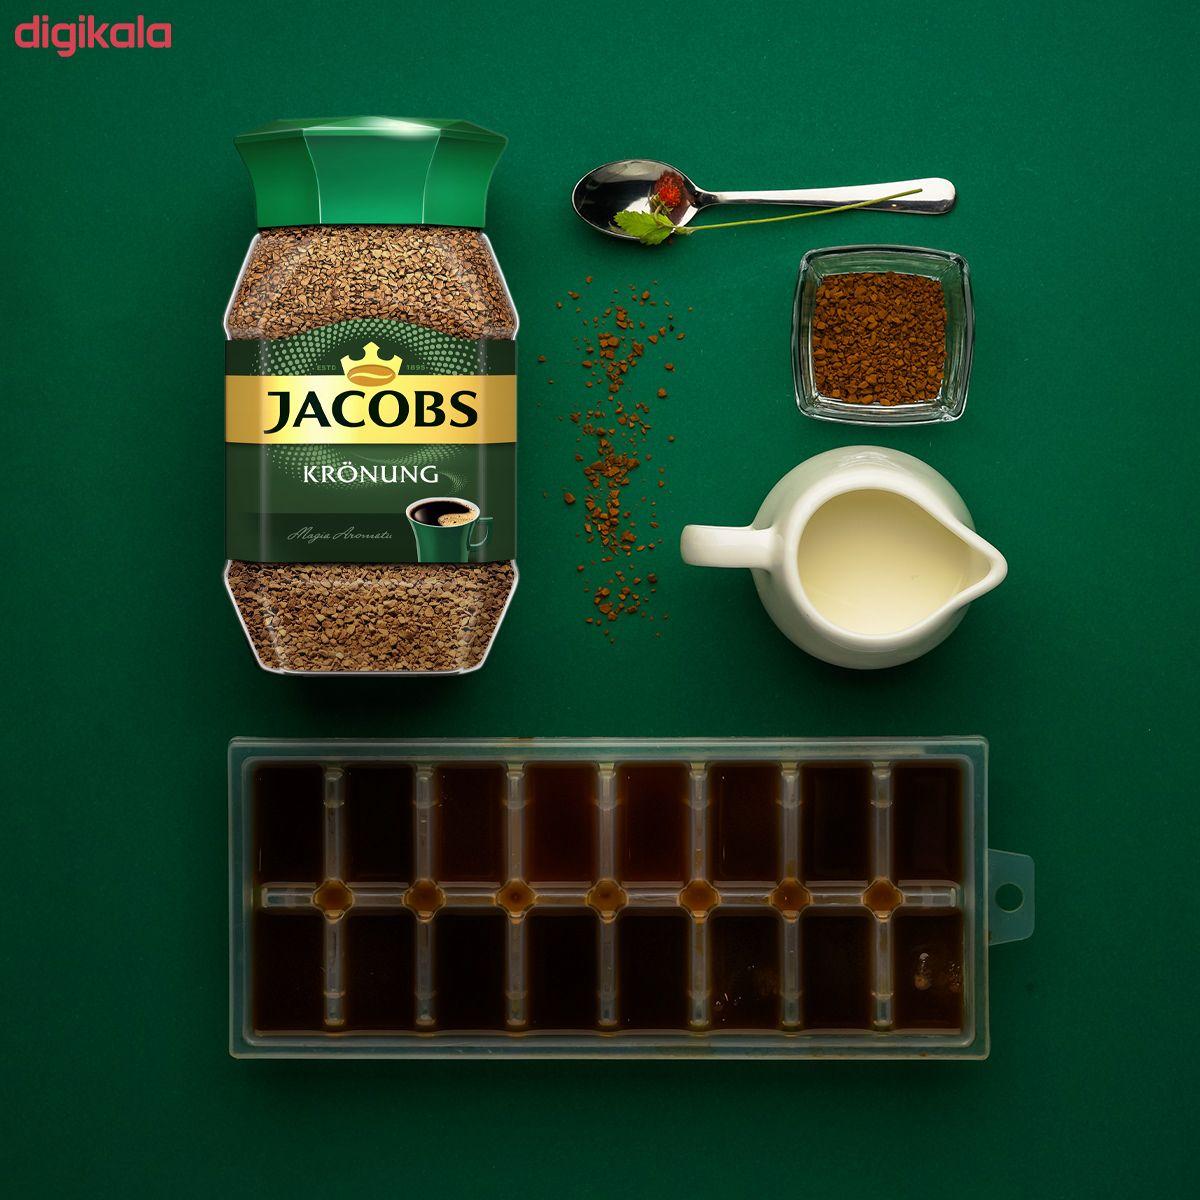 قهوه فوری جاکوبز کرونانگ 200 گرم main 1 6